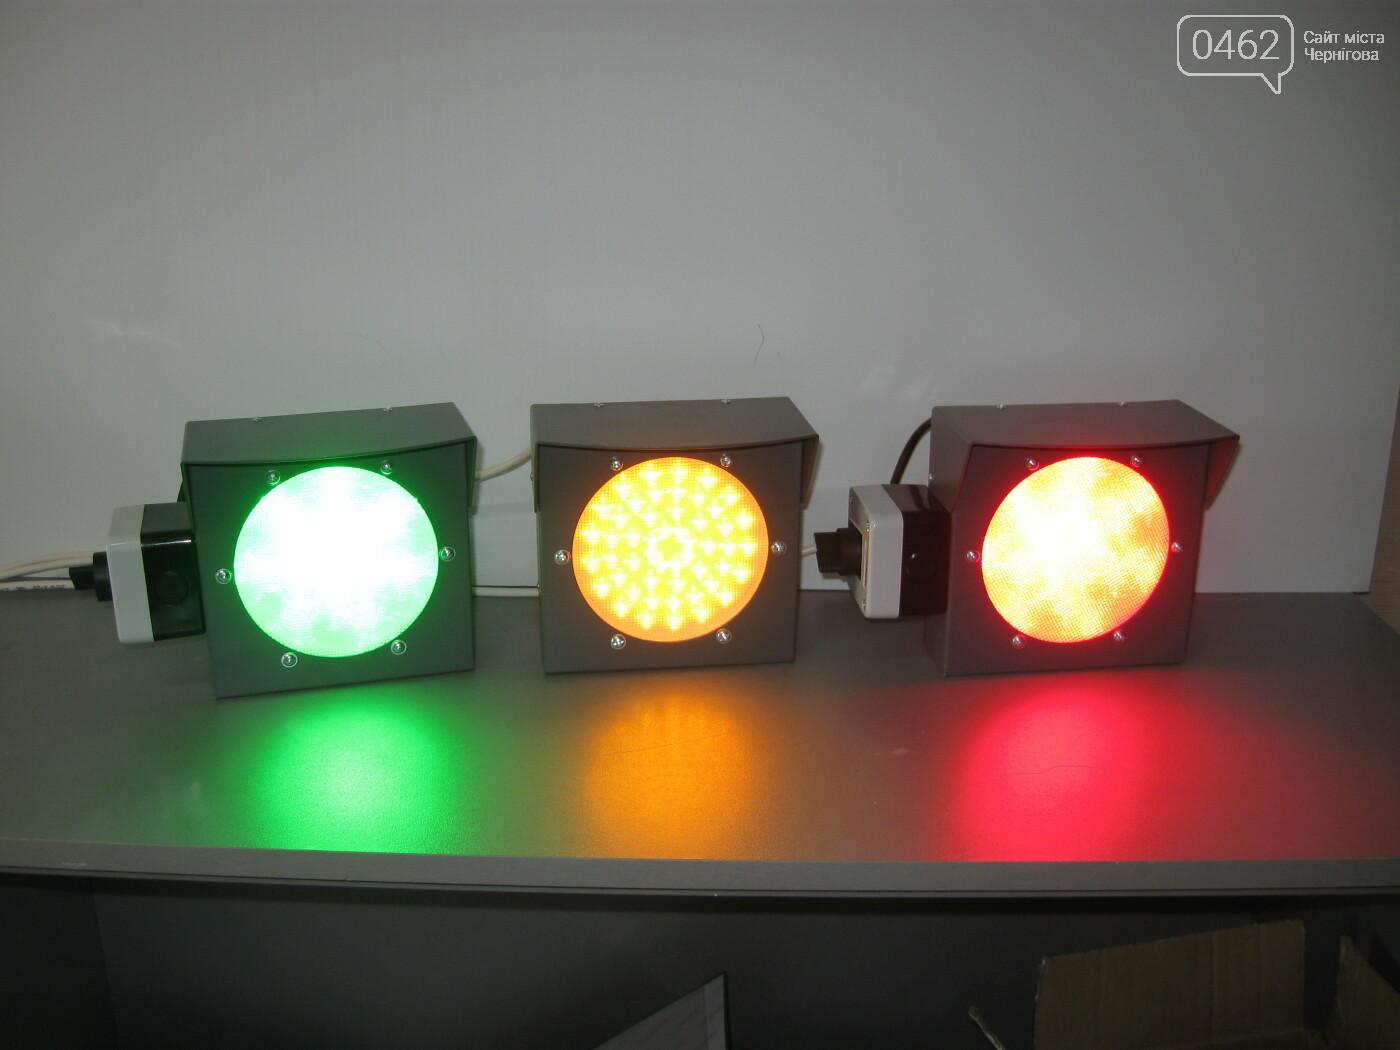 Цена жизни. Качество светофора – качество движения., фото-3